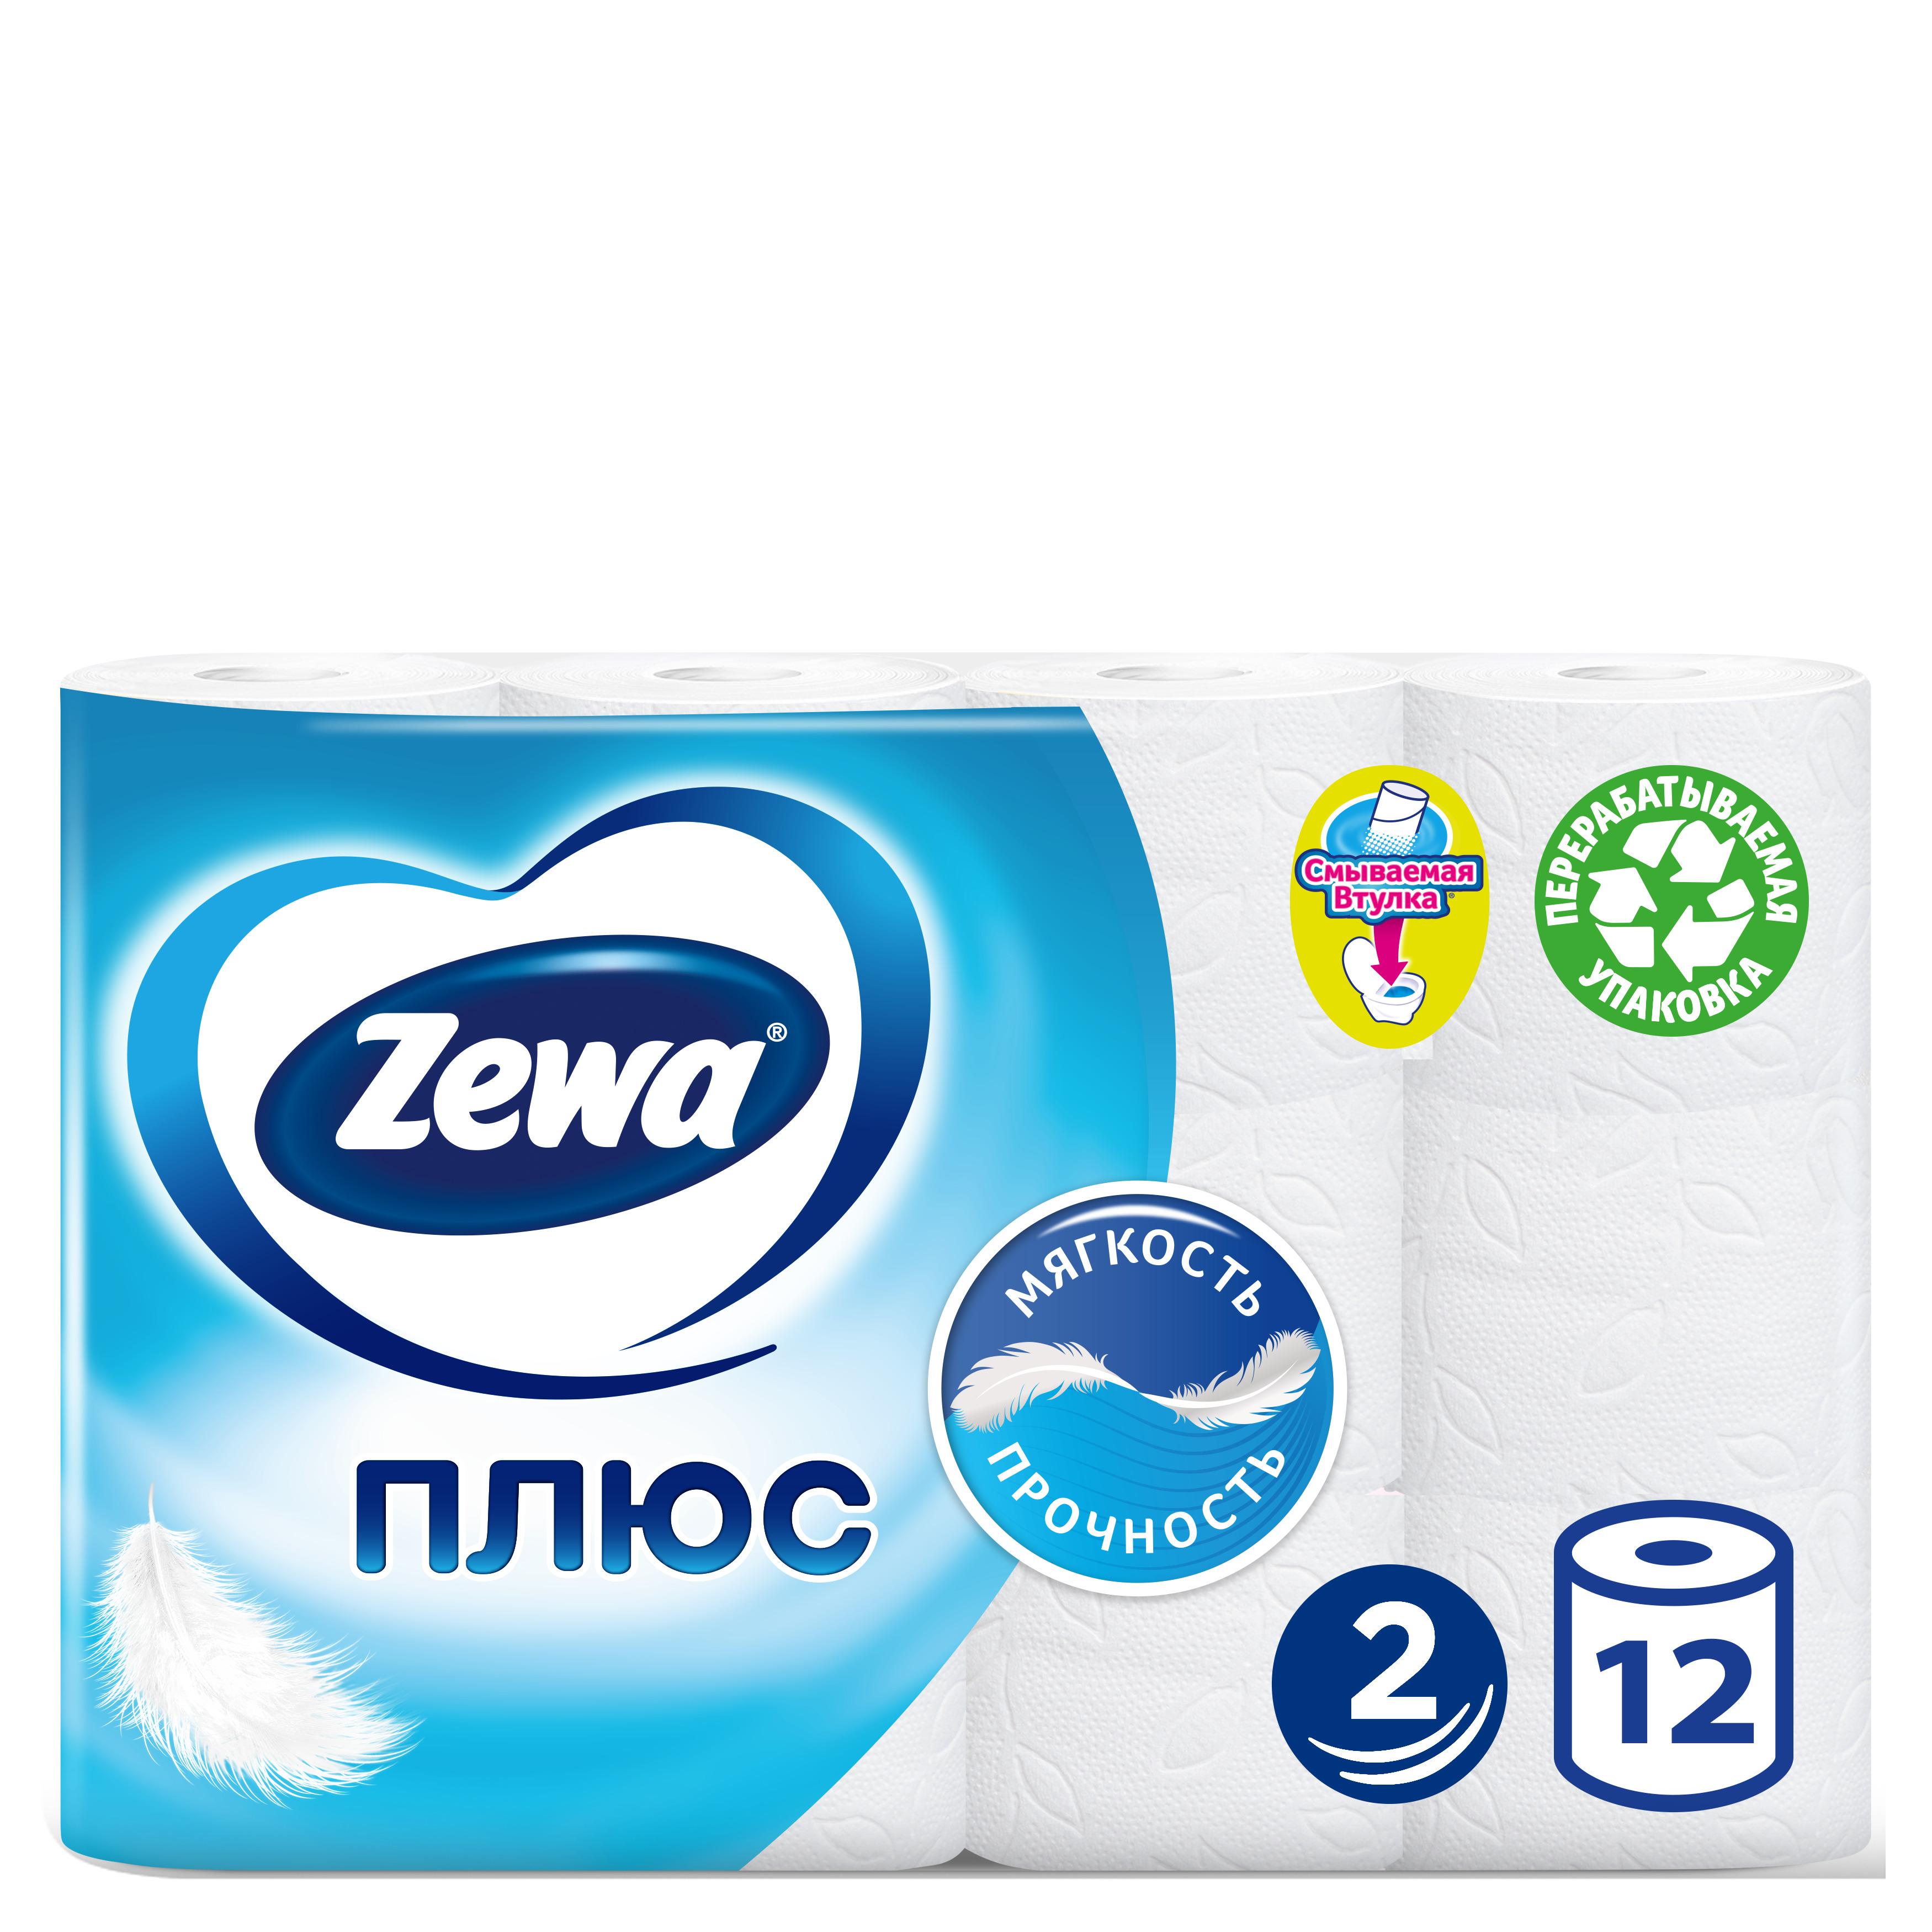 Купить Туалетная бумага Zewa Плюс Белая, 2 слоя, 12 рулонов, туалетная бумага 144090